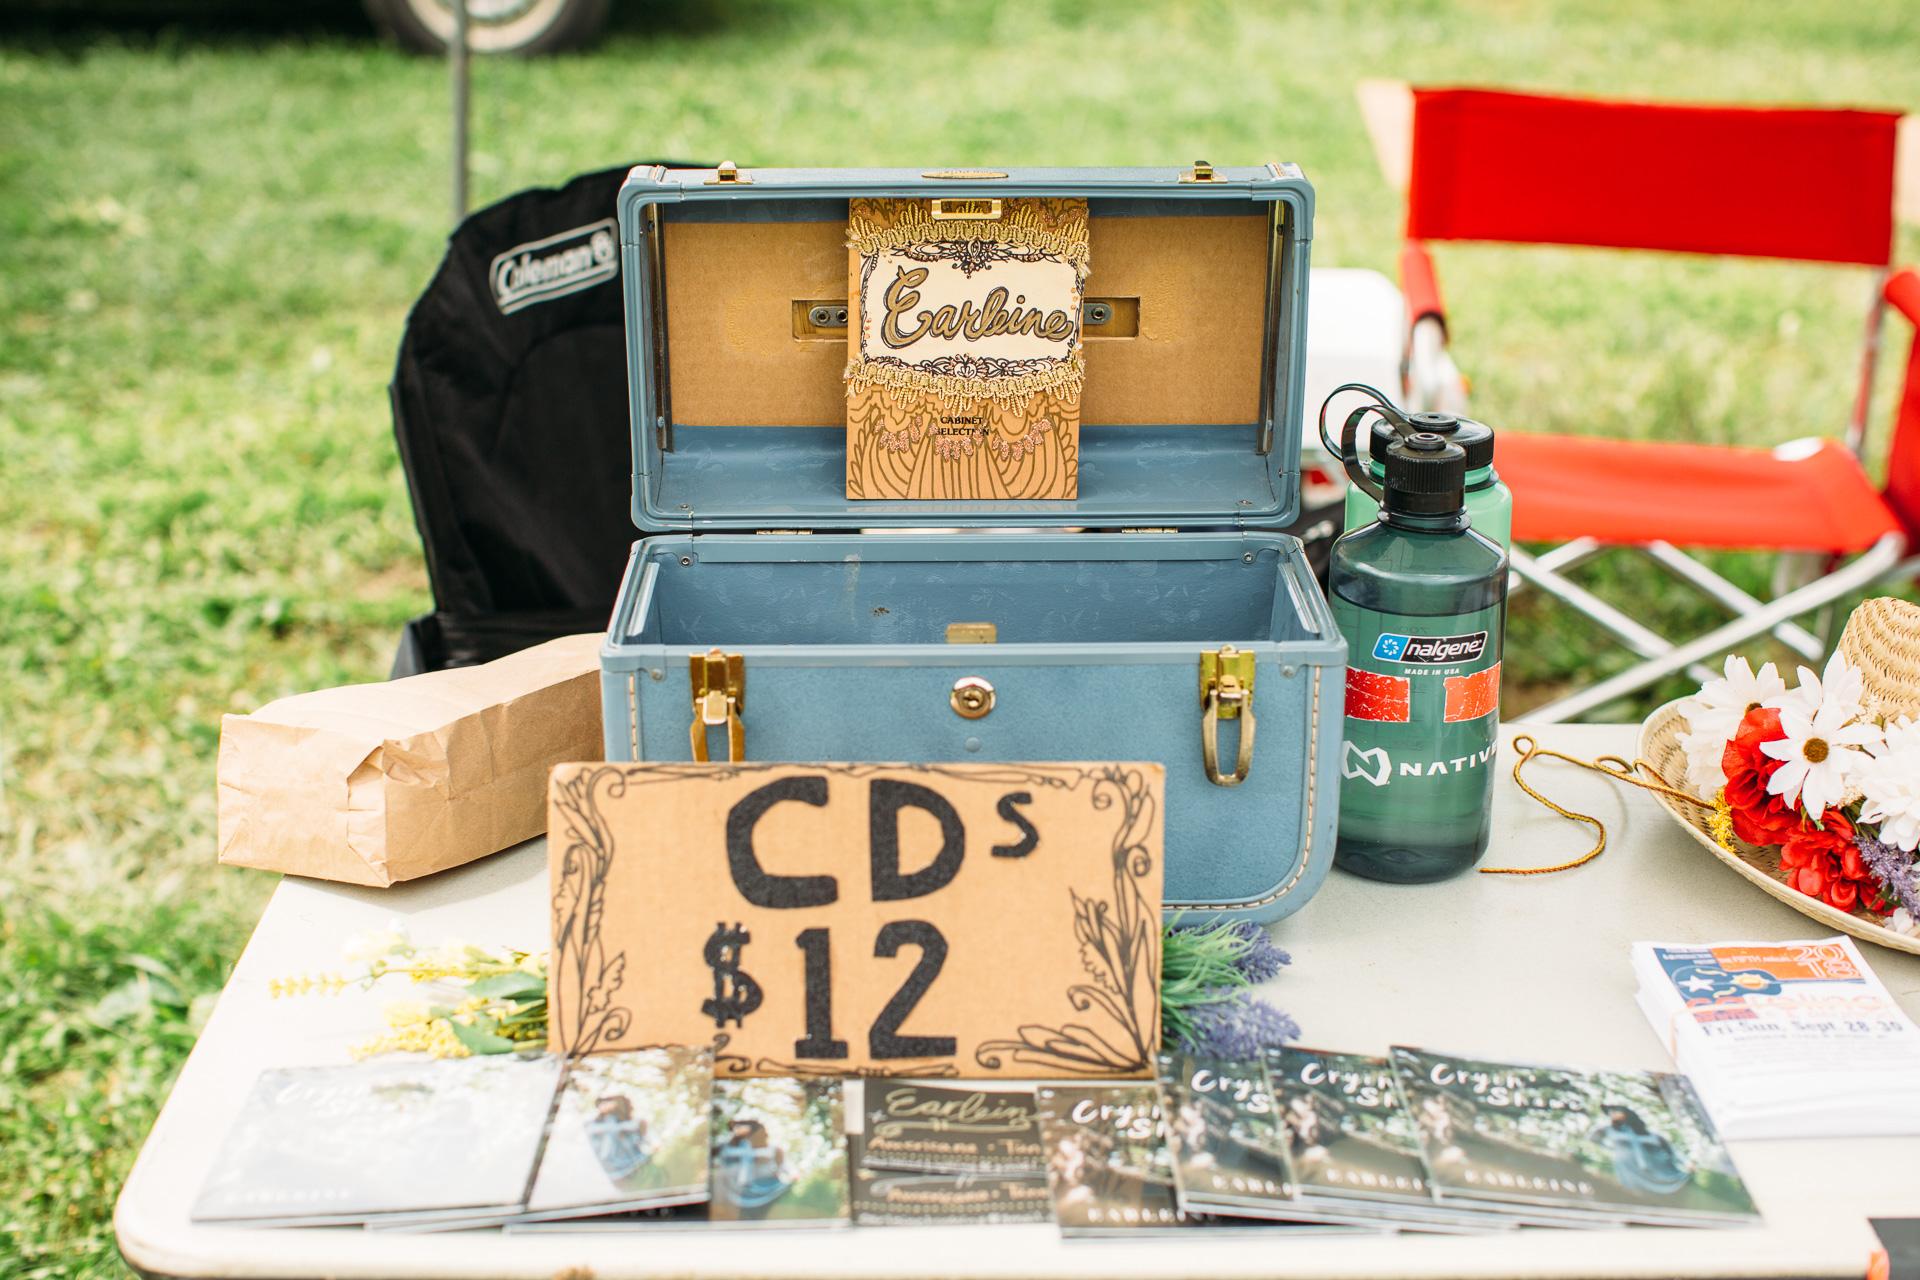 CD Sales.jpg